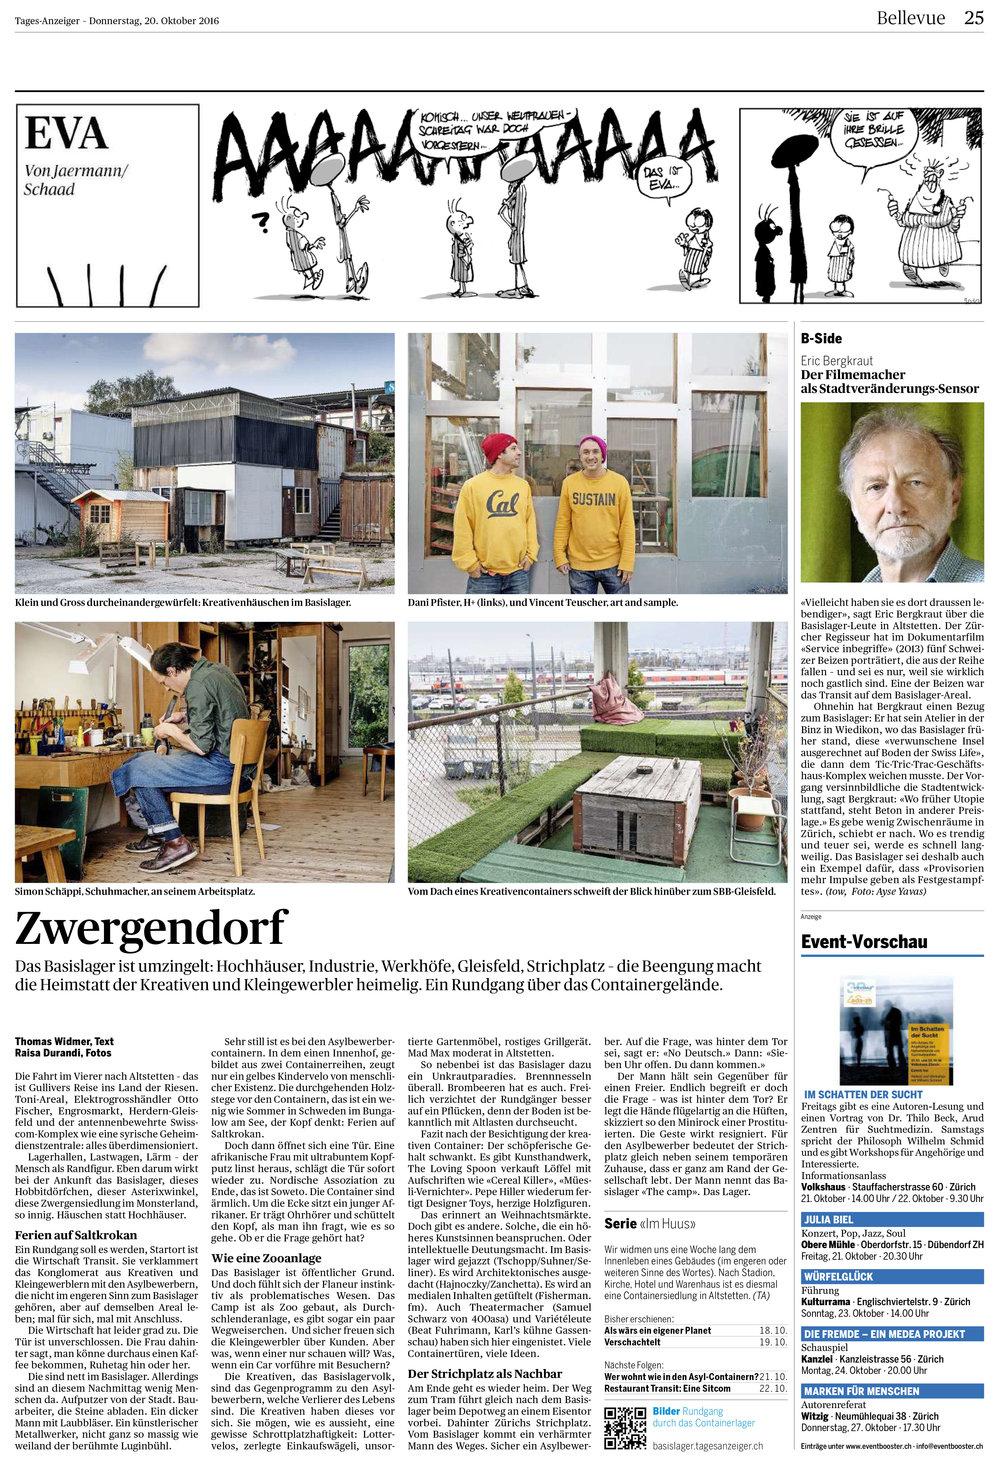 Seite_25_Tages-Anzeiger_2016-10-20.jpg